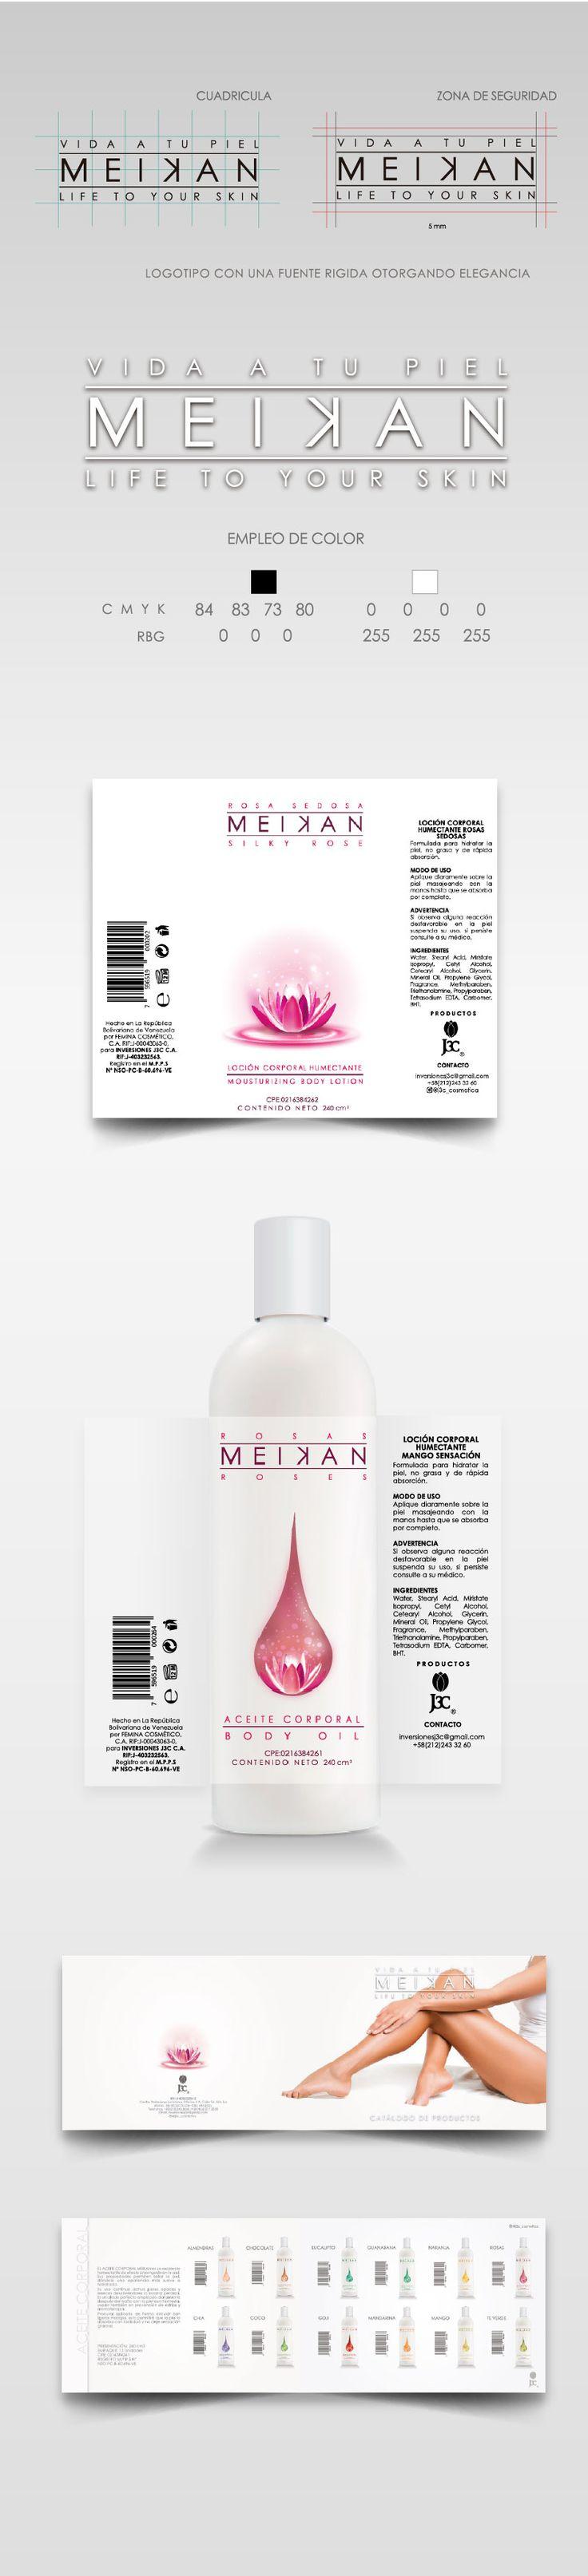 MEIKAN crema humectante y aceite mineral línea de productos de J3C, cosméticos asesoría de imagen y producción #venezuela #cosmeticos #cremas #aceite #aceitemineral #envases #productor #etiquetas #j3c #catalago